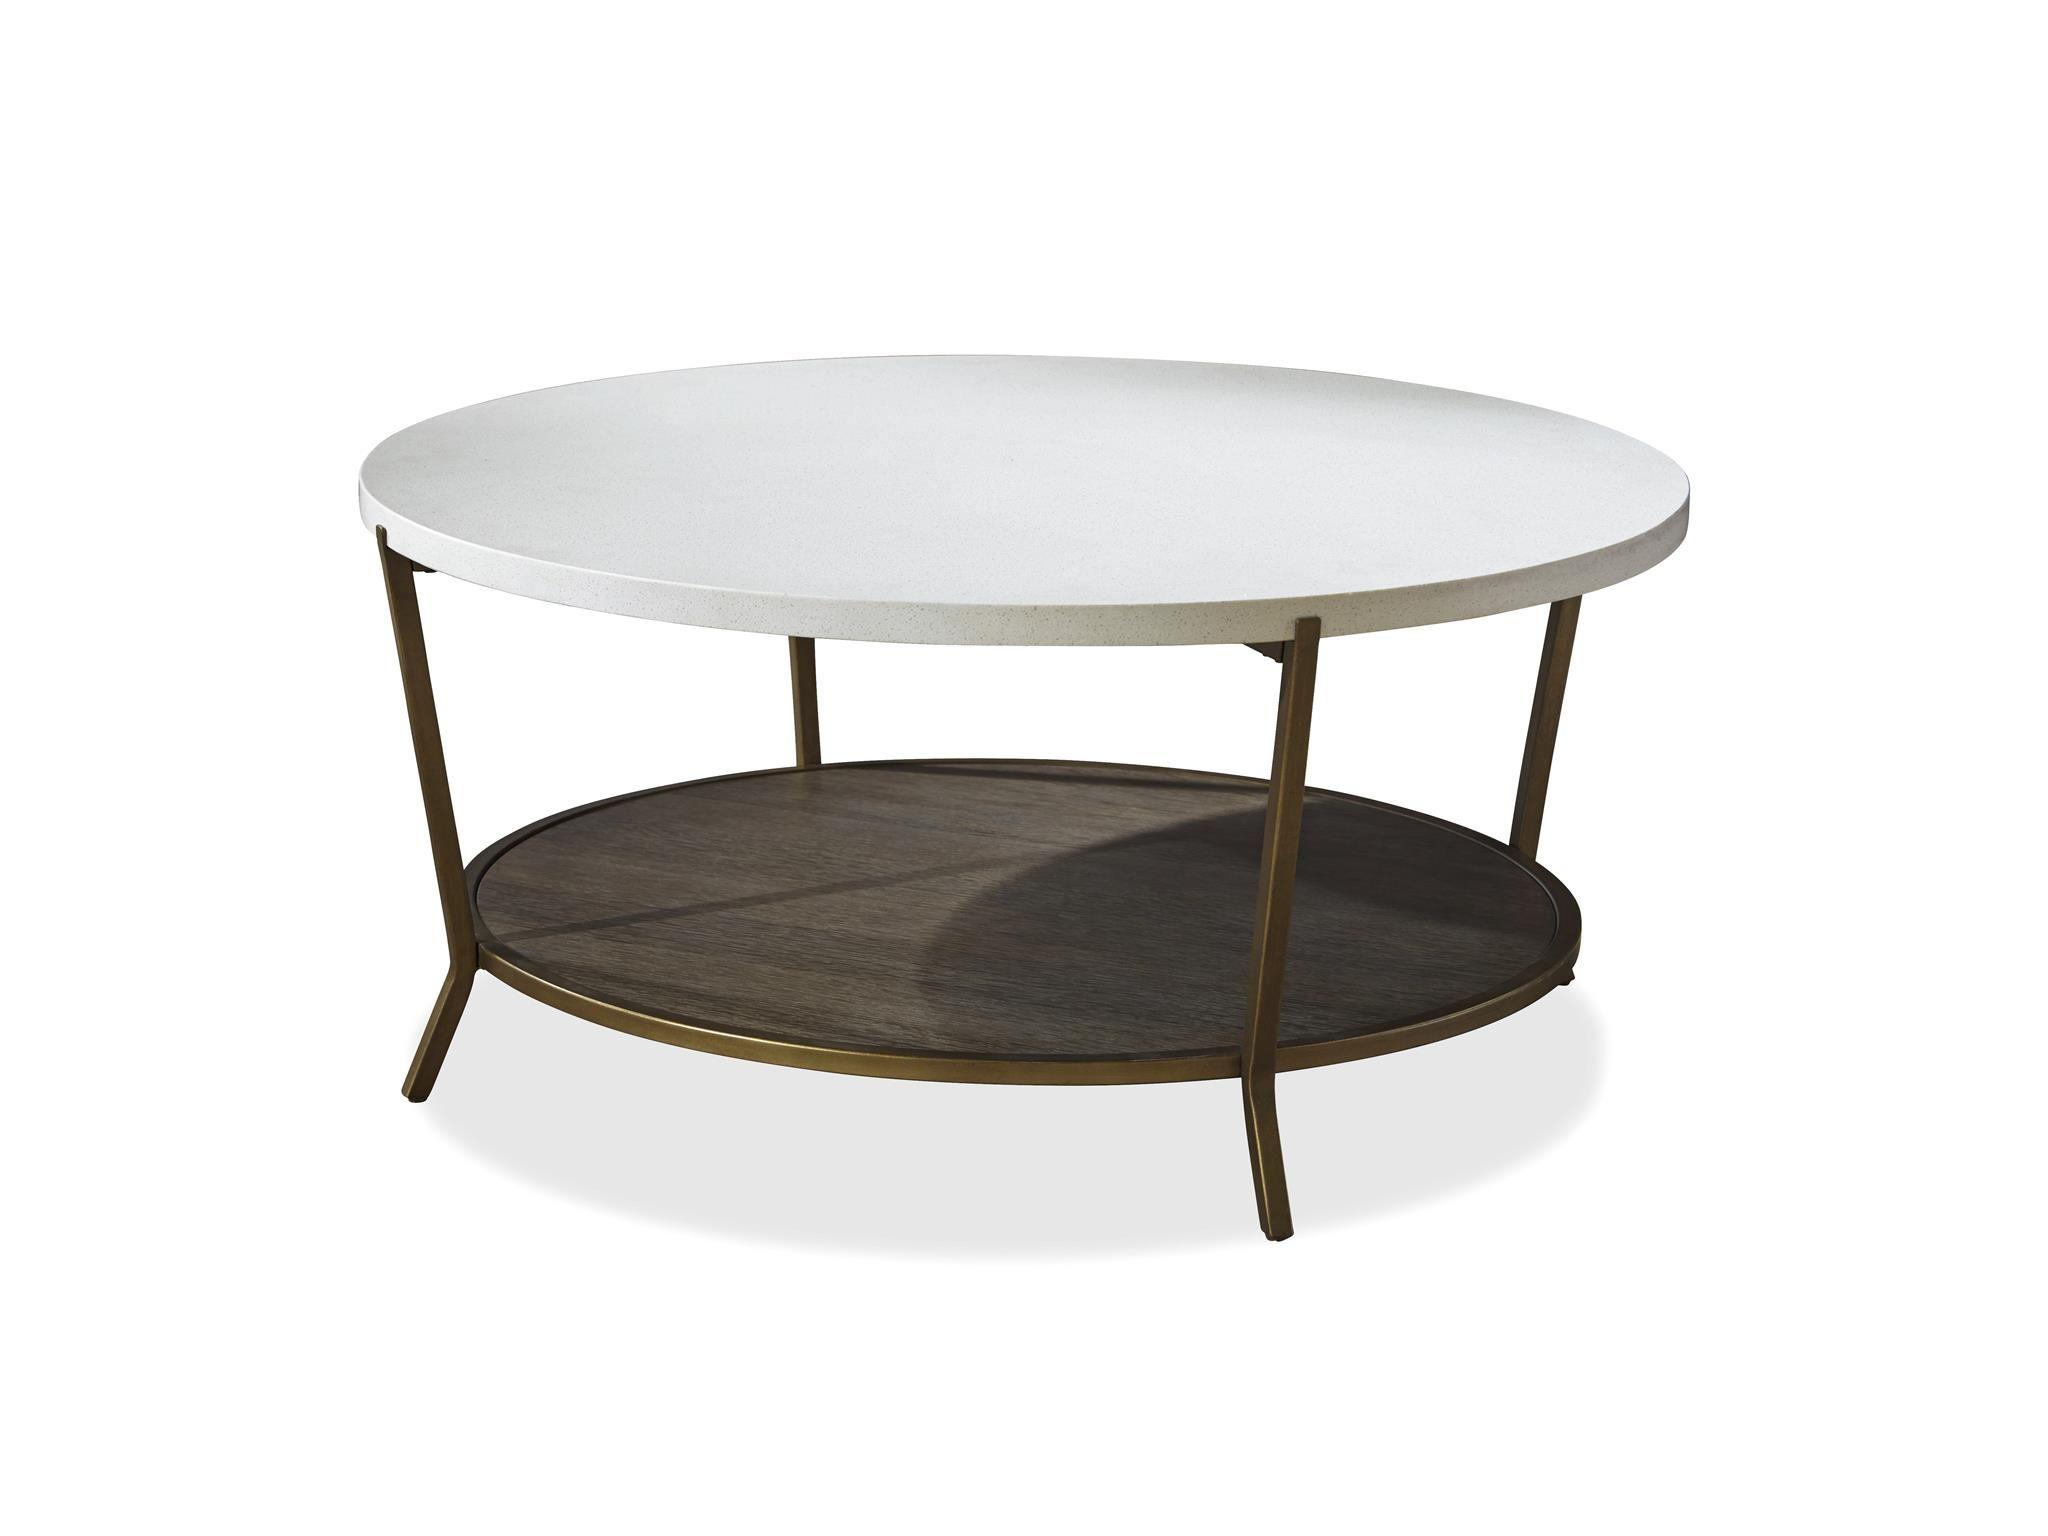 Universal Furniture Playlist Round Cocktail Table Round Cocktail Tables Coffee Table Universal Furniture [ 1536 x 2048 Pixel ]